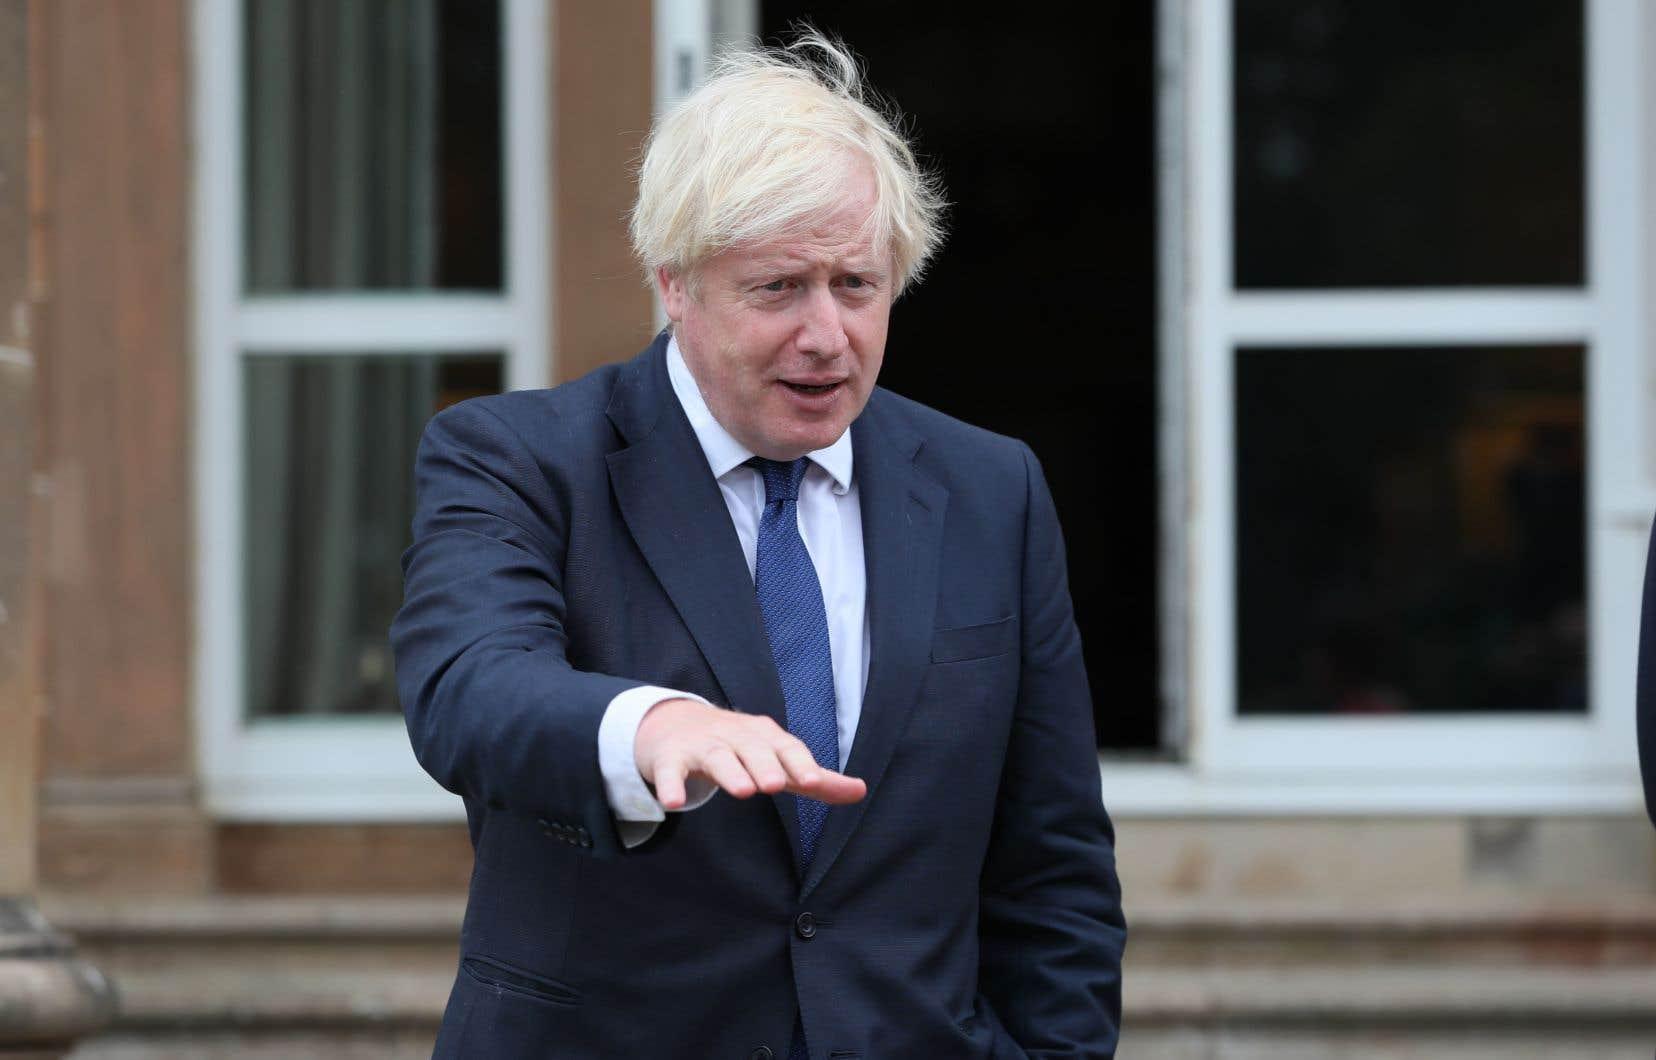 Le gouvernement conservateur de Boris Johnson a été vertement critiqué pour ne pas avoir compris suffisamment tôt l'ampleur de la crise sanitaire.